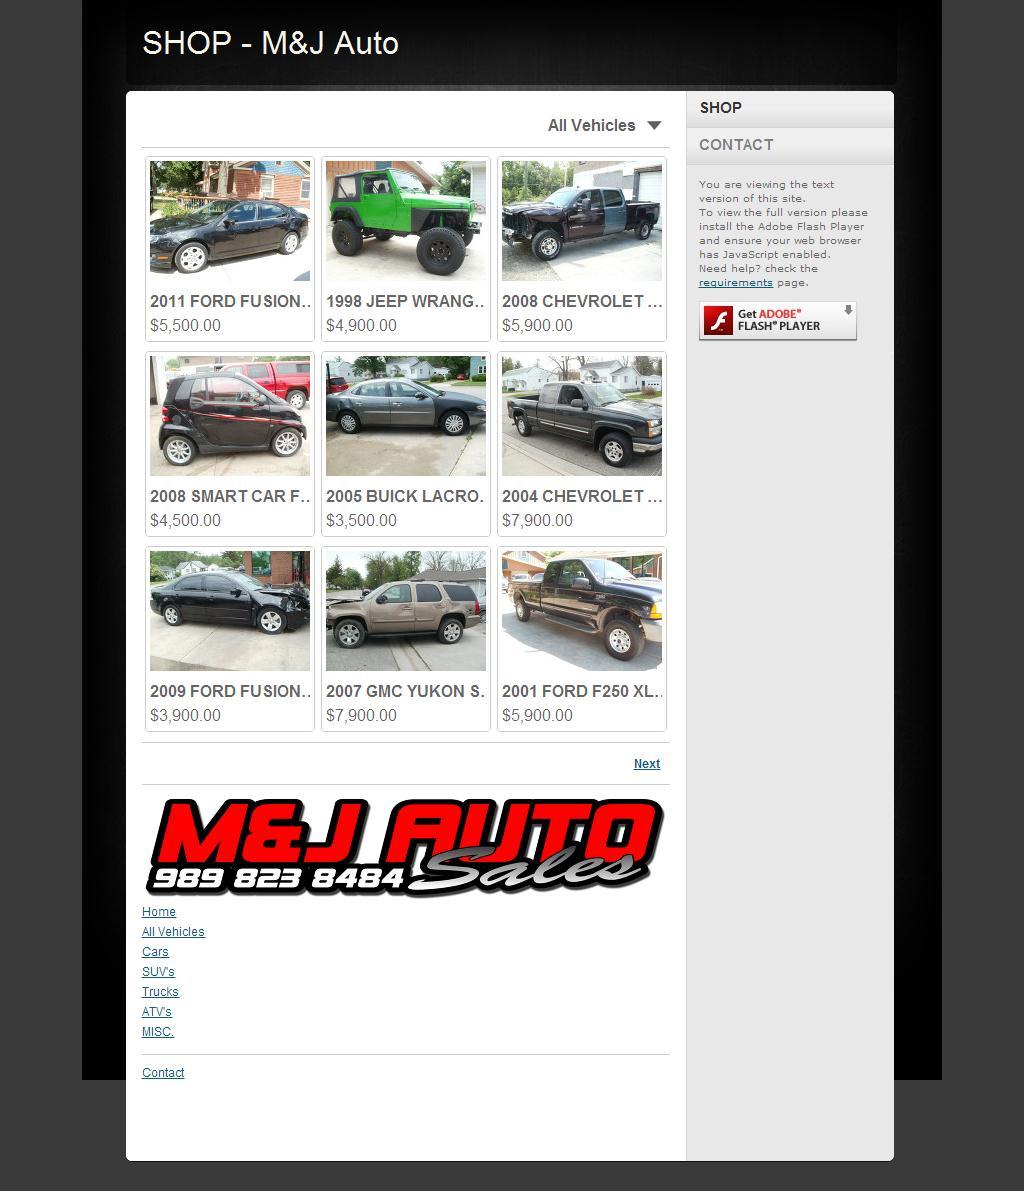 SHOP - M&J Auto